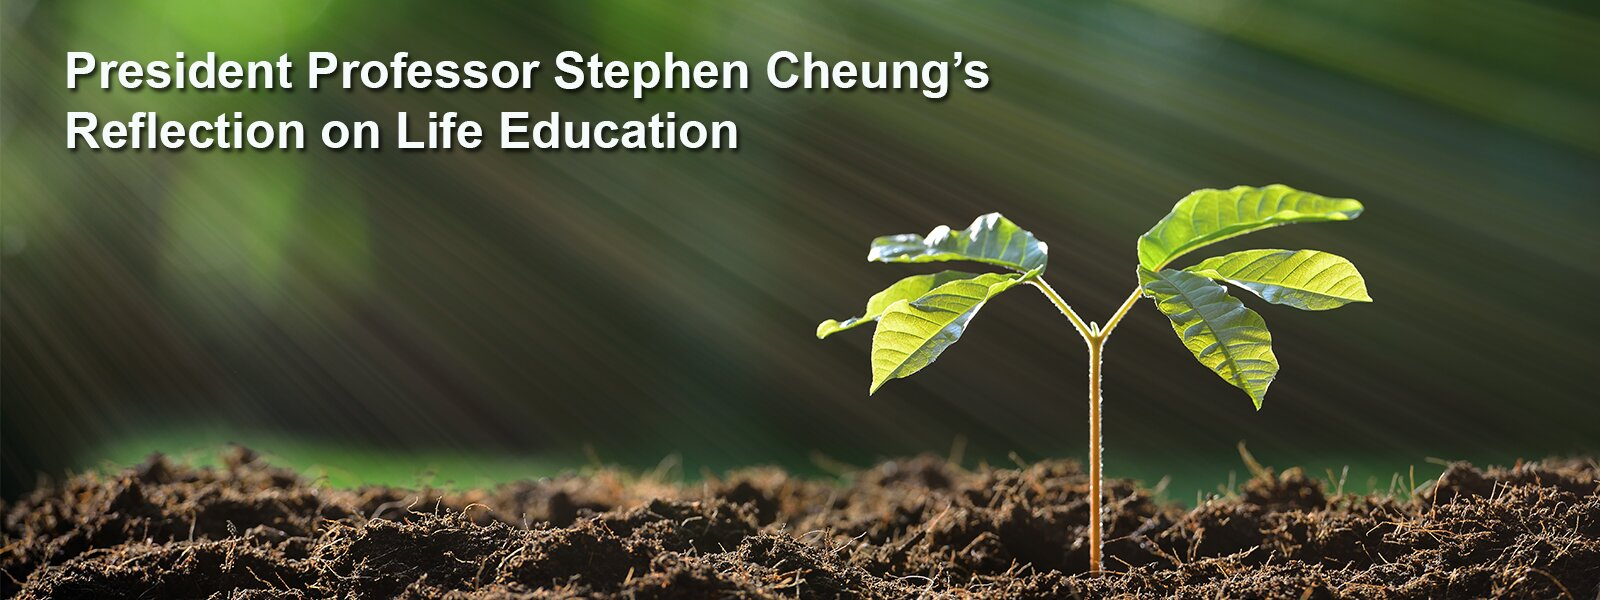 校长张仁良教授对生命教育的反思